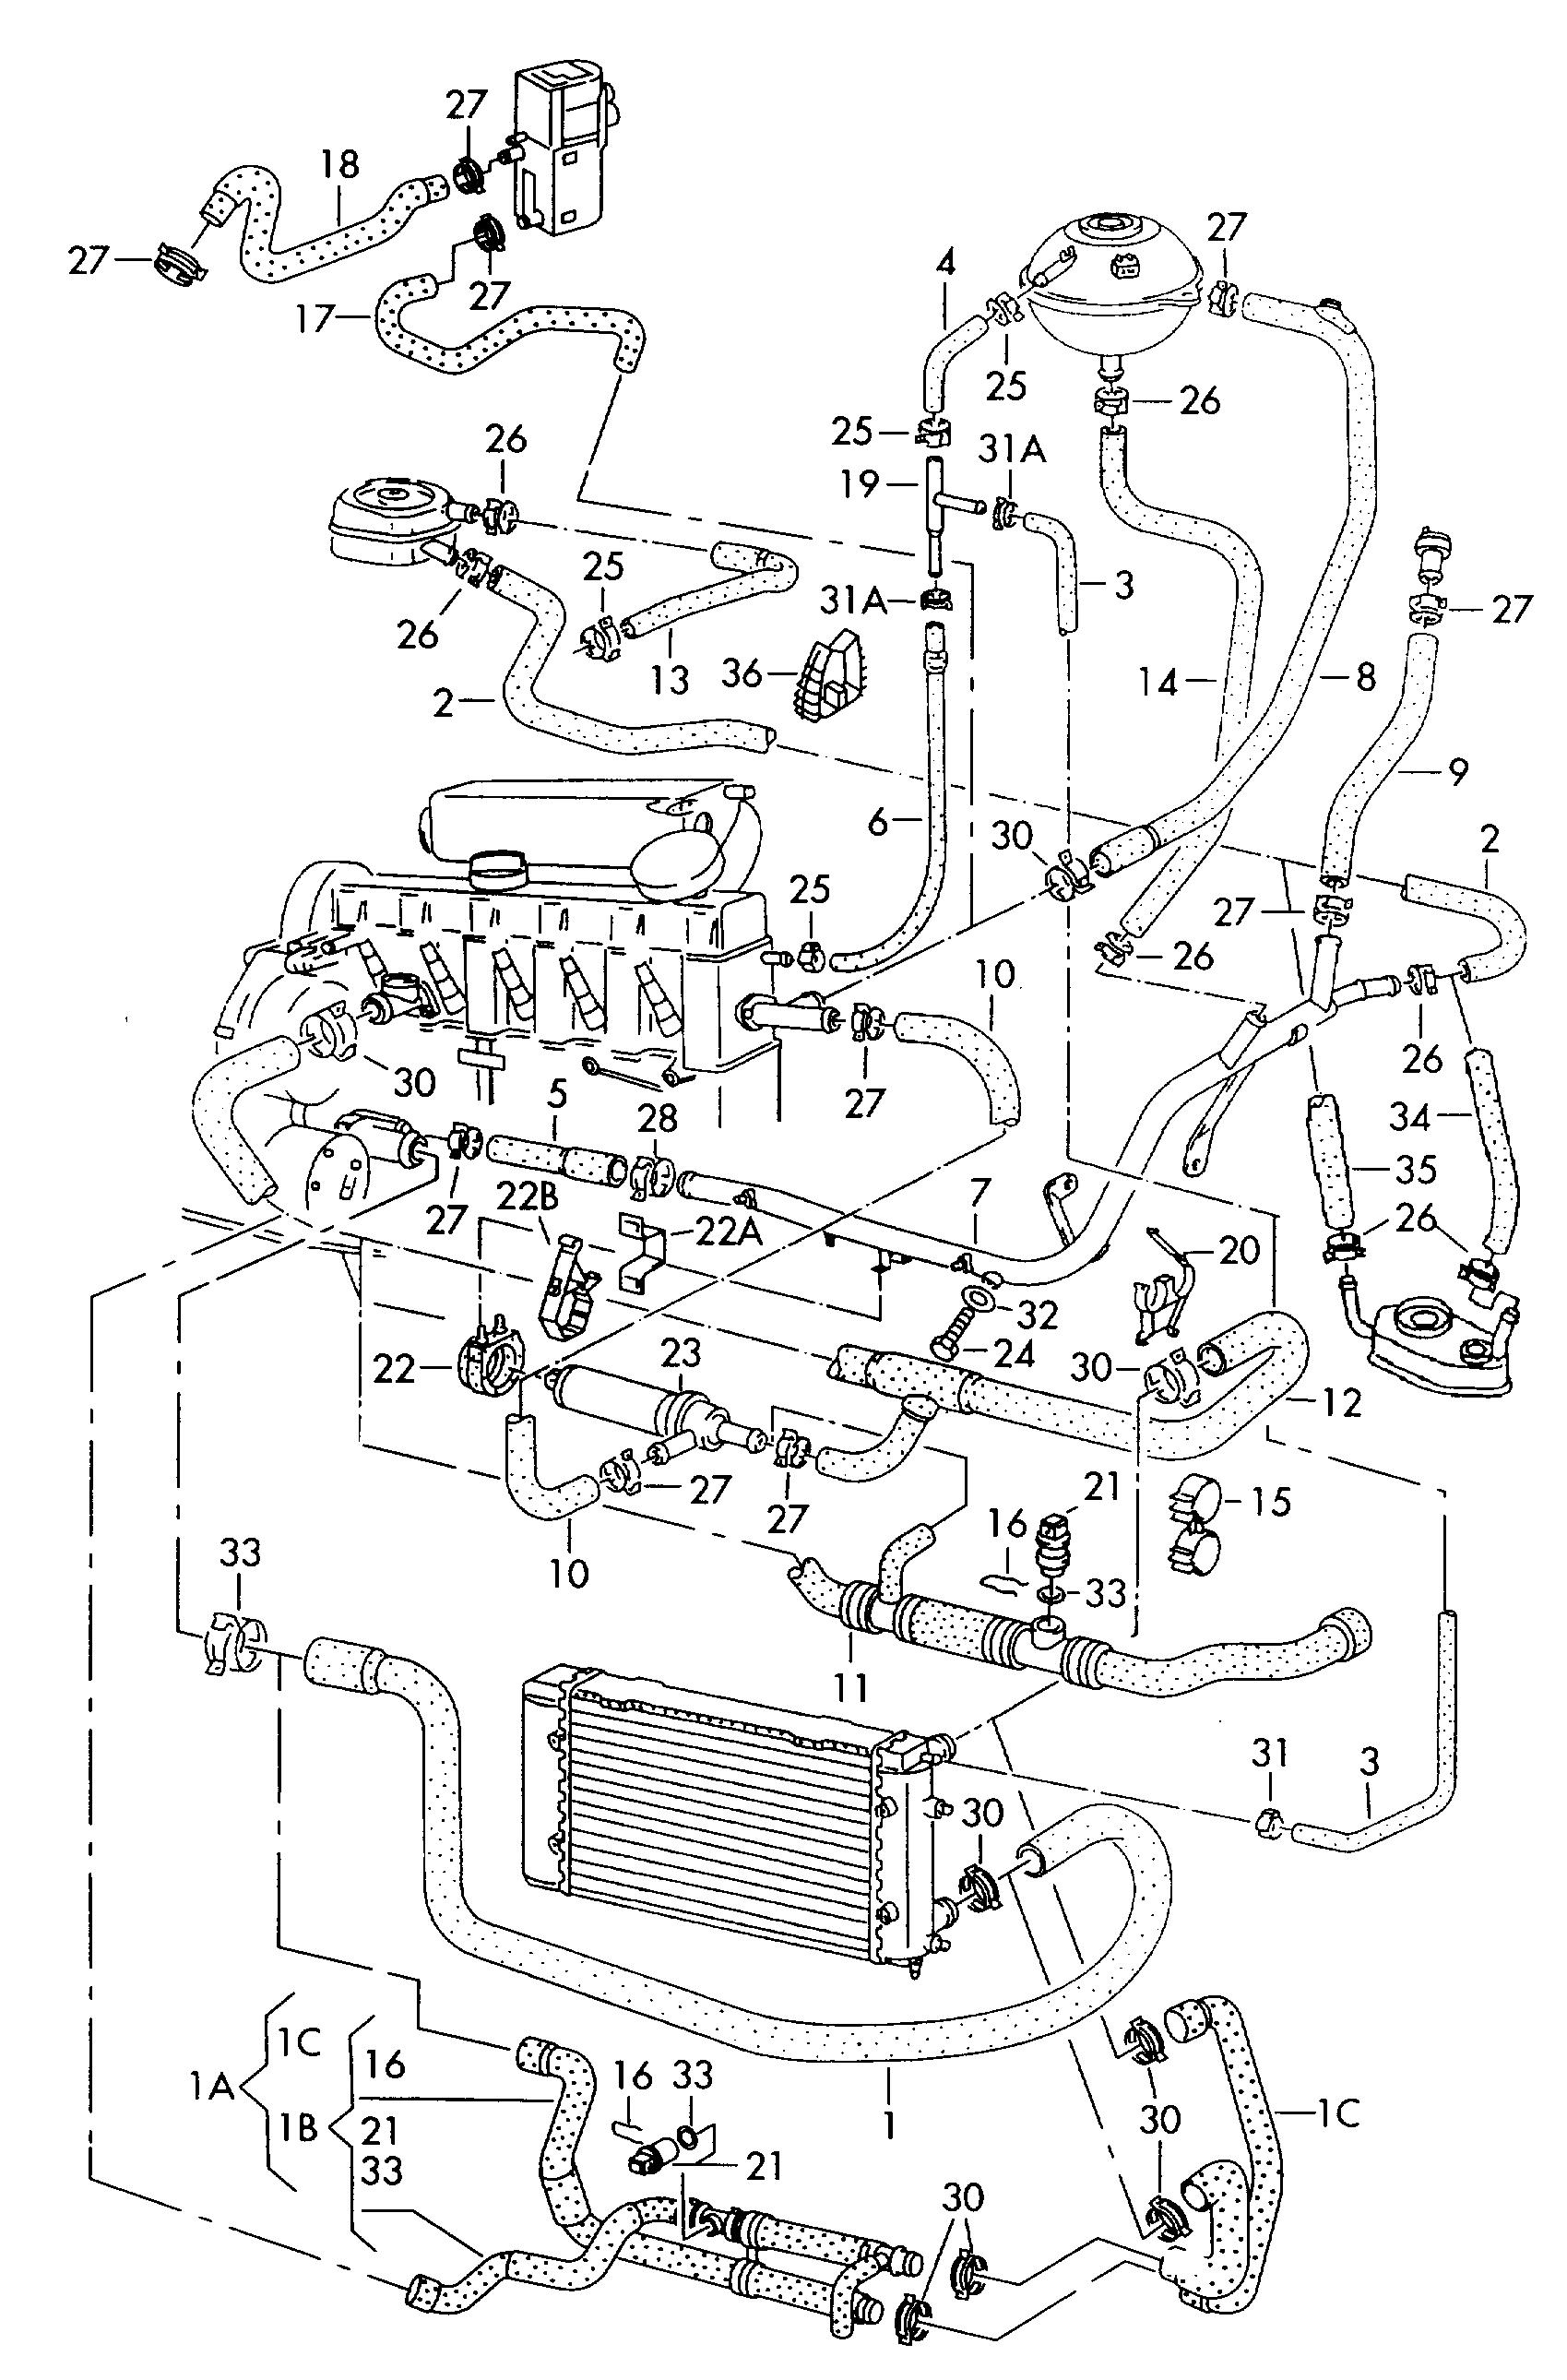 volkswagen transporter kombi  1996 - 1996